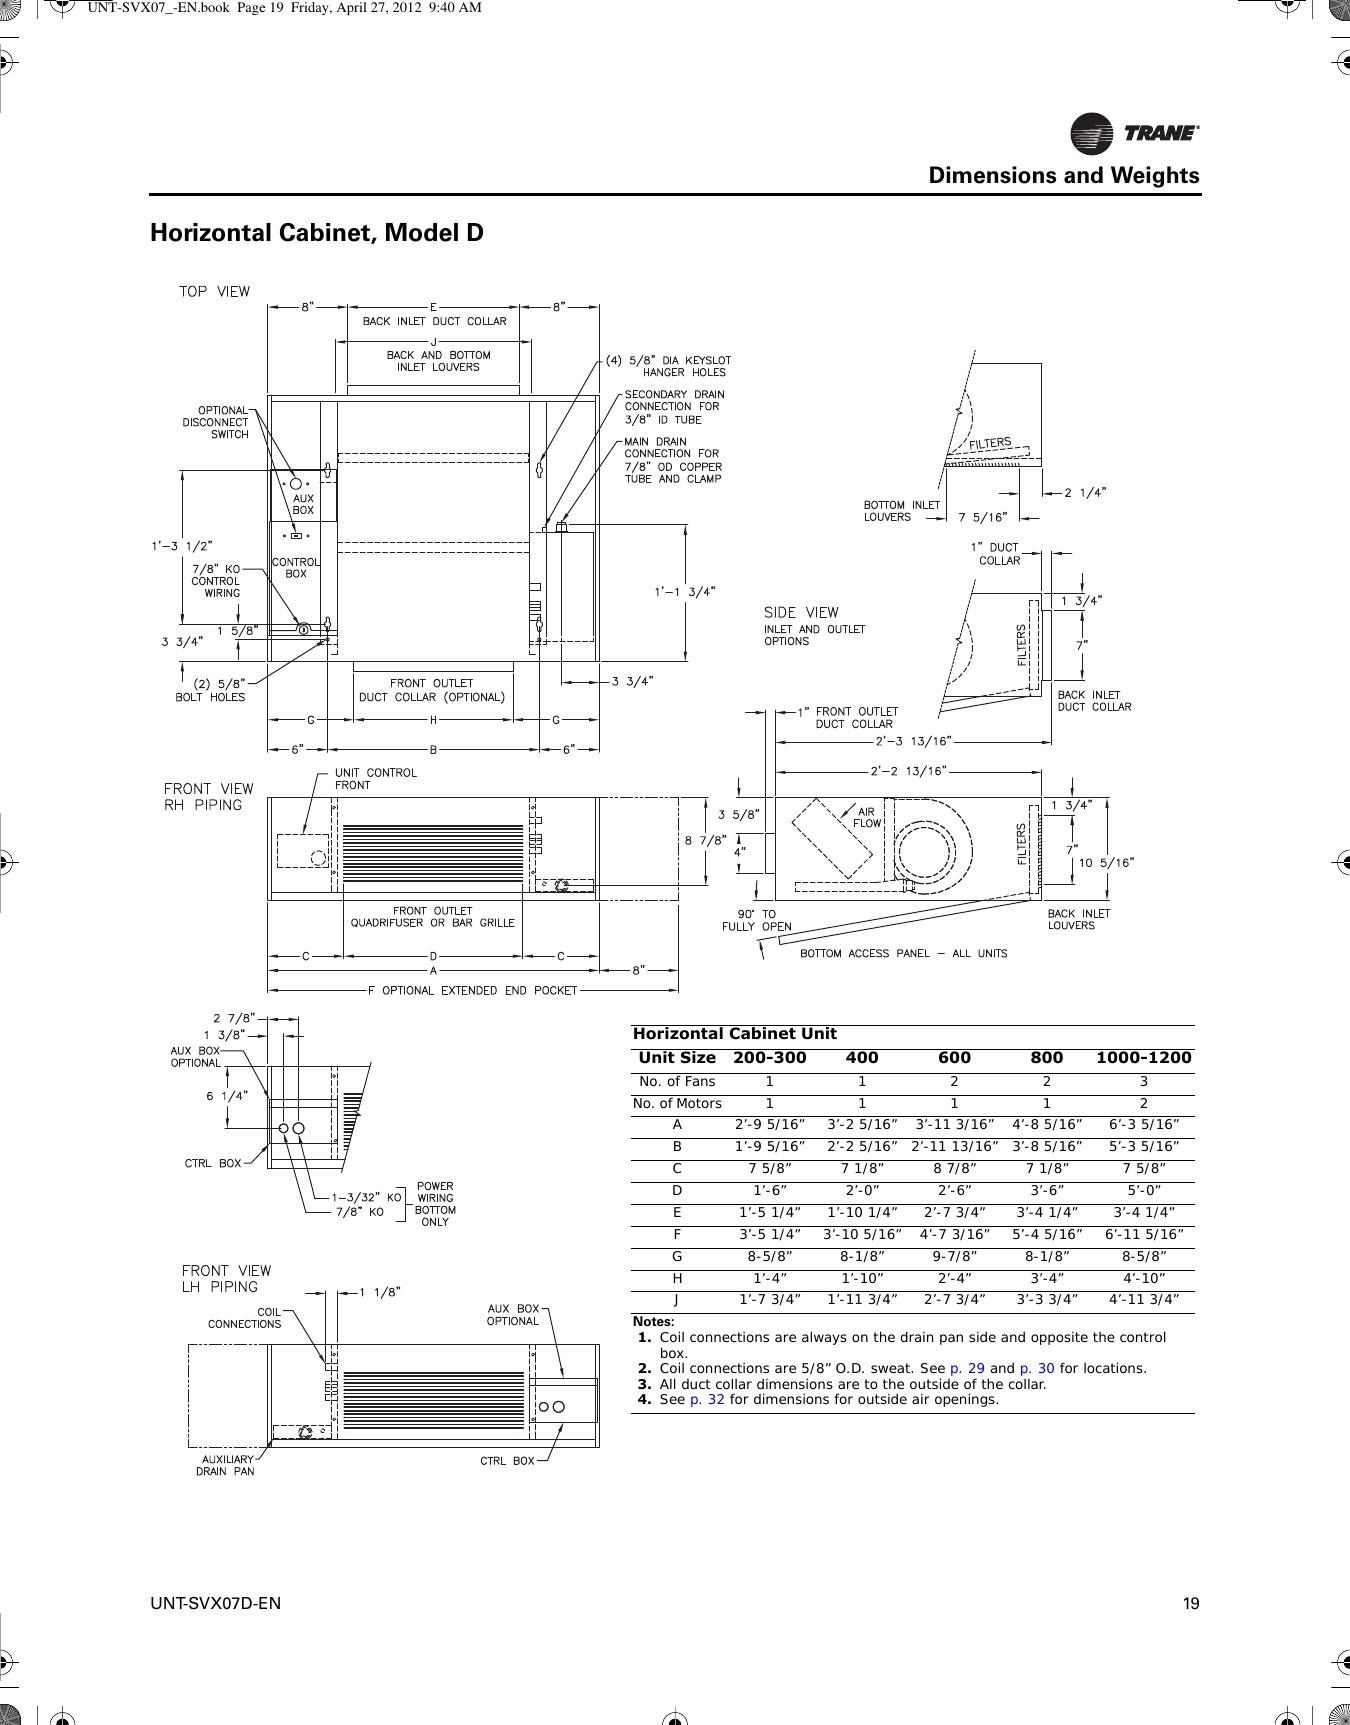 trane heat pumps wiring diagram best of wiring diagram image rh mainetreasurechest com Heat Sequencer Wiring-Diagram Heat Sequencer Wiring-Diagram